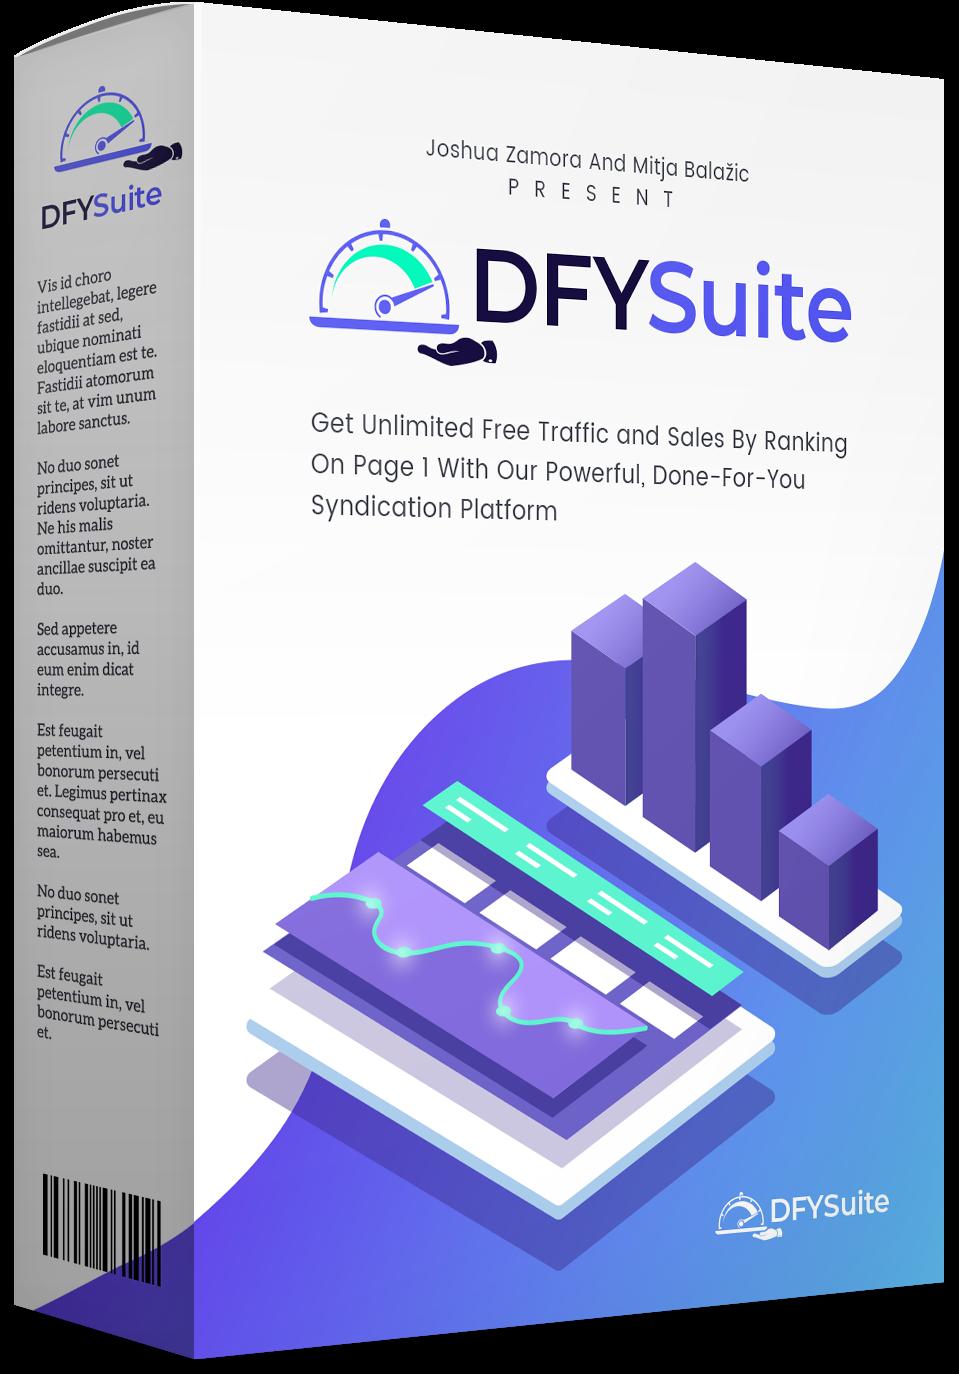 DFY Suite 3.0